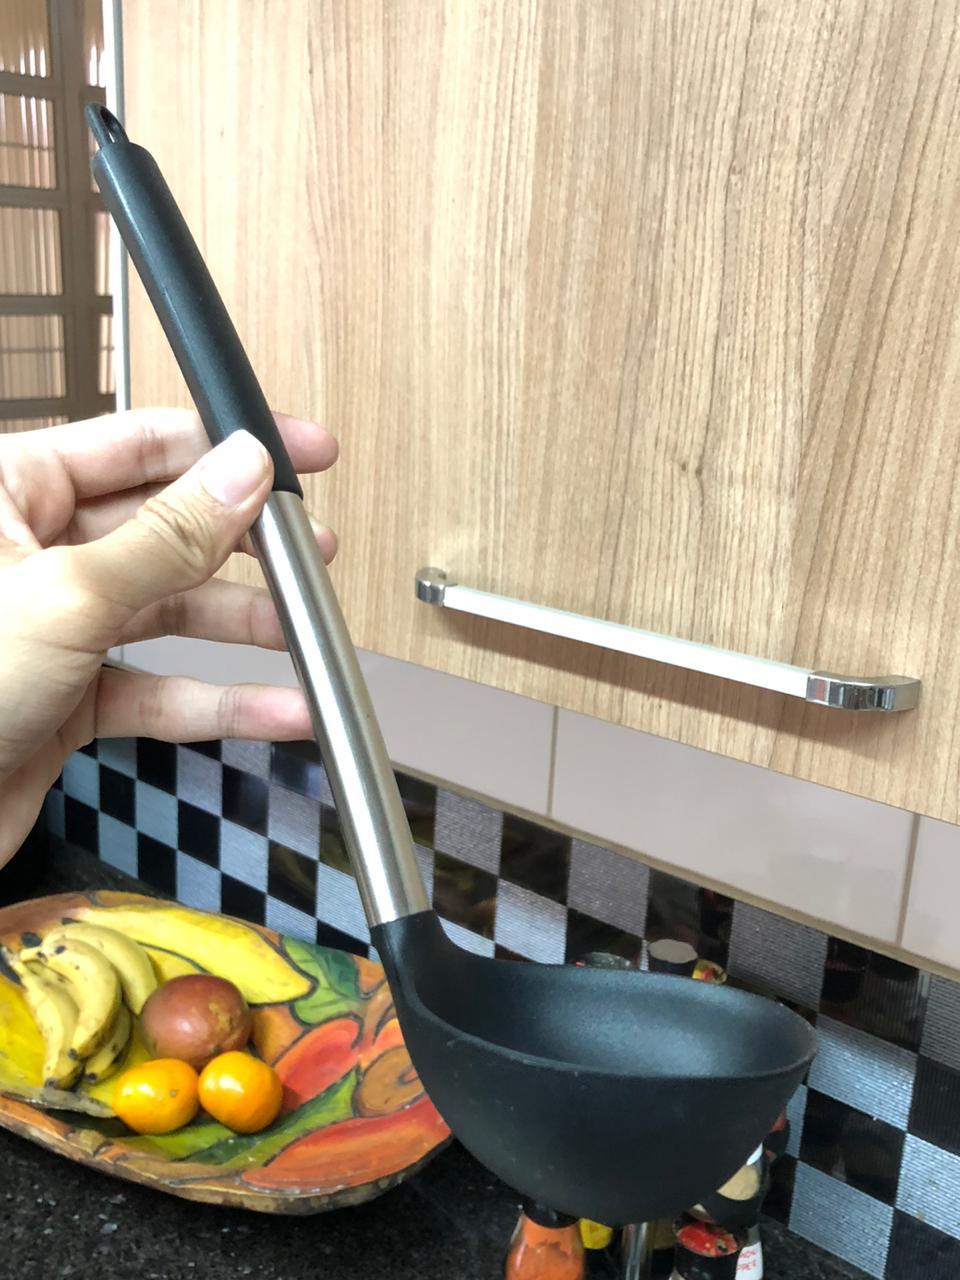 Concha de silicone servir feijão aço inox preto 31cm